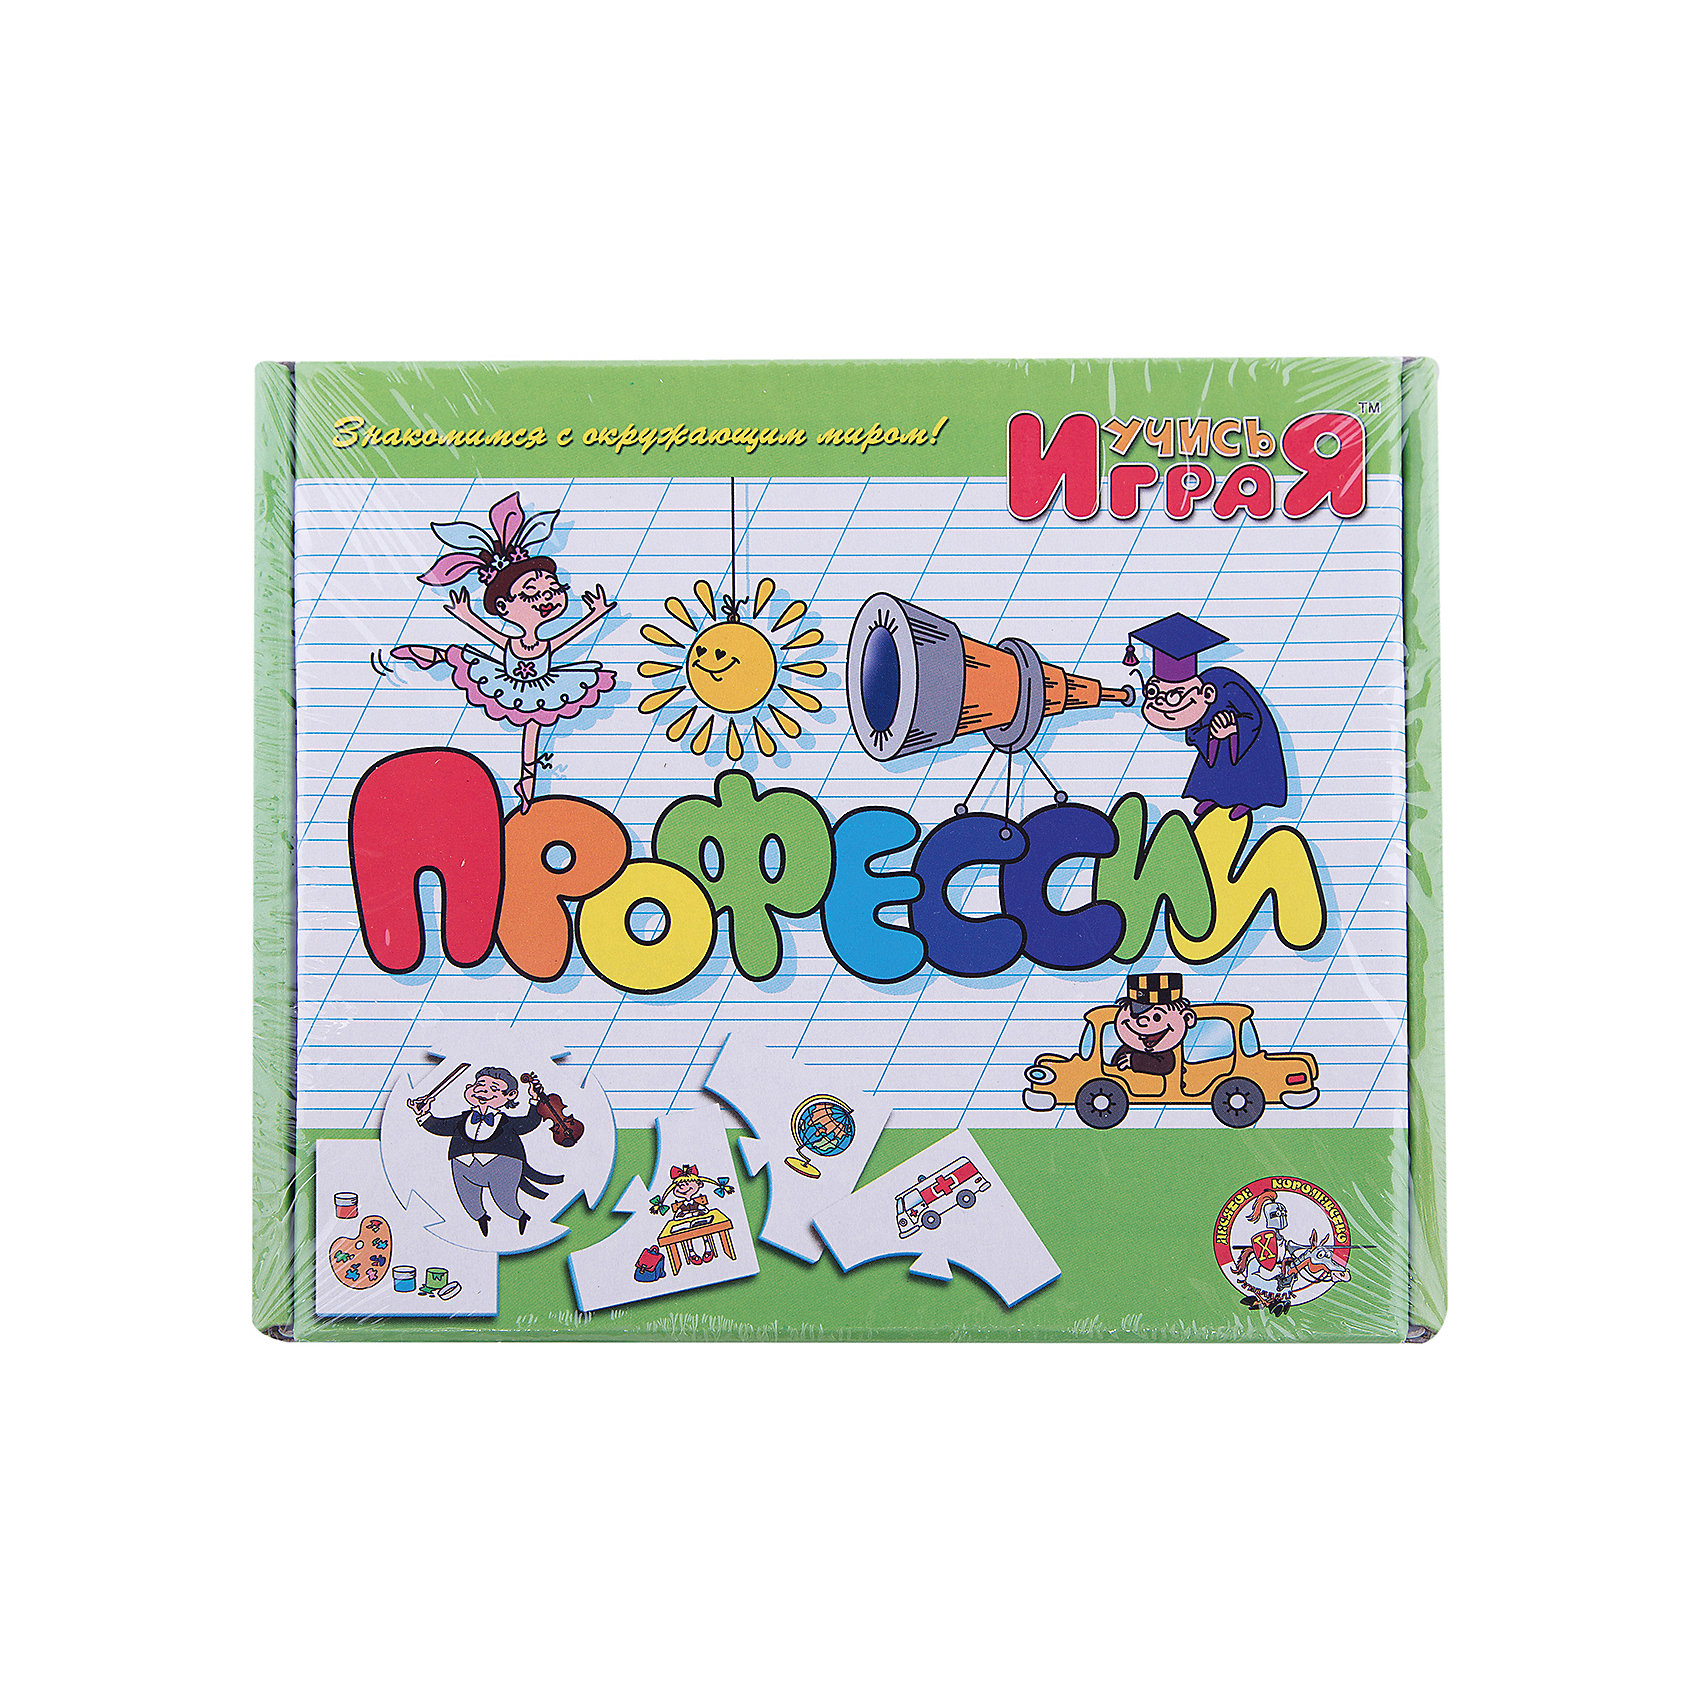 Игра обучающая  Професии, Десятое королевствоОбучающие карточки<br>Игра обучающая Професии, Десятое королевство<br><br>Характеристики:<br><br>• Возраст: от 3 лет<br>• Количество игроков: от 1 до 10<br>• В комплекте: 10 карточек заданий, 4 карточки с ответами<br><br>В этой увлекательной обучающей игре могут участвовать одновременно от 1 до 10 детей! В наборе содержатся 10 карточек-заданий, на которых изображены рисунки по теме профессии. К каждой необходимо найти 4 карточки-ответа, чтобы дополнить их содержание. В процессе игры дети узнают какие бывают профессии, работают над мелкой моторикой и расширяют свои знания и представления об окружающем мире.<br><br>Игра обучающая Професии, Десятое королевство можно купить в нашем интернет-магазине.<br><br>Ширина мм: 230<br>Глубина мм: 200<br>Высота мм: 35<br>Вес г: 240<br>Возраст от месяцев: 84<br>Возраст до месяцев: 2147483647<br>Пол: Унисекс<br>Возраст: Детский<br>SKU: 5471679